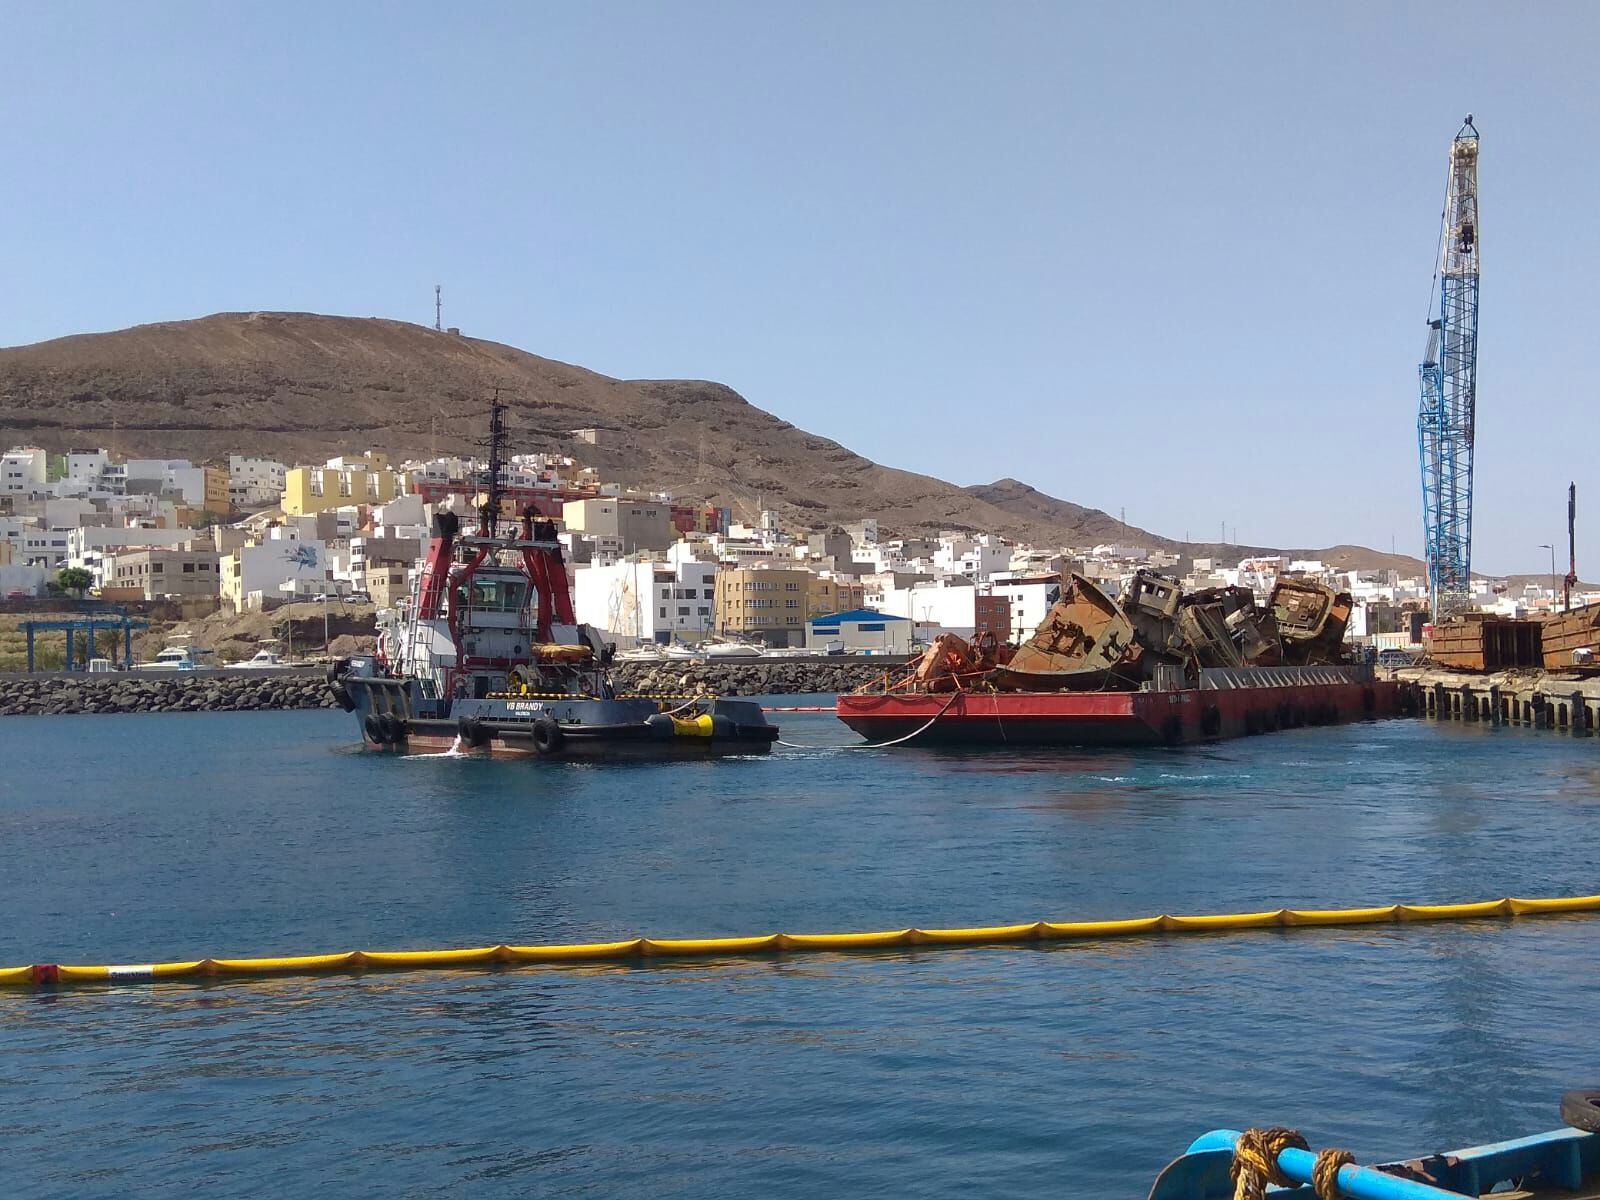 Puertos canarios ejecuta hoy el segundo traslado v a for Oficina virtual gobierno de canarias